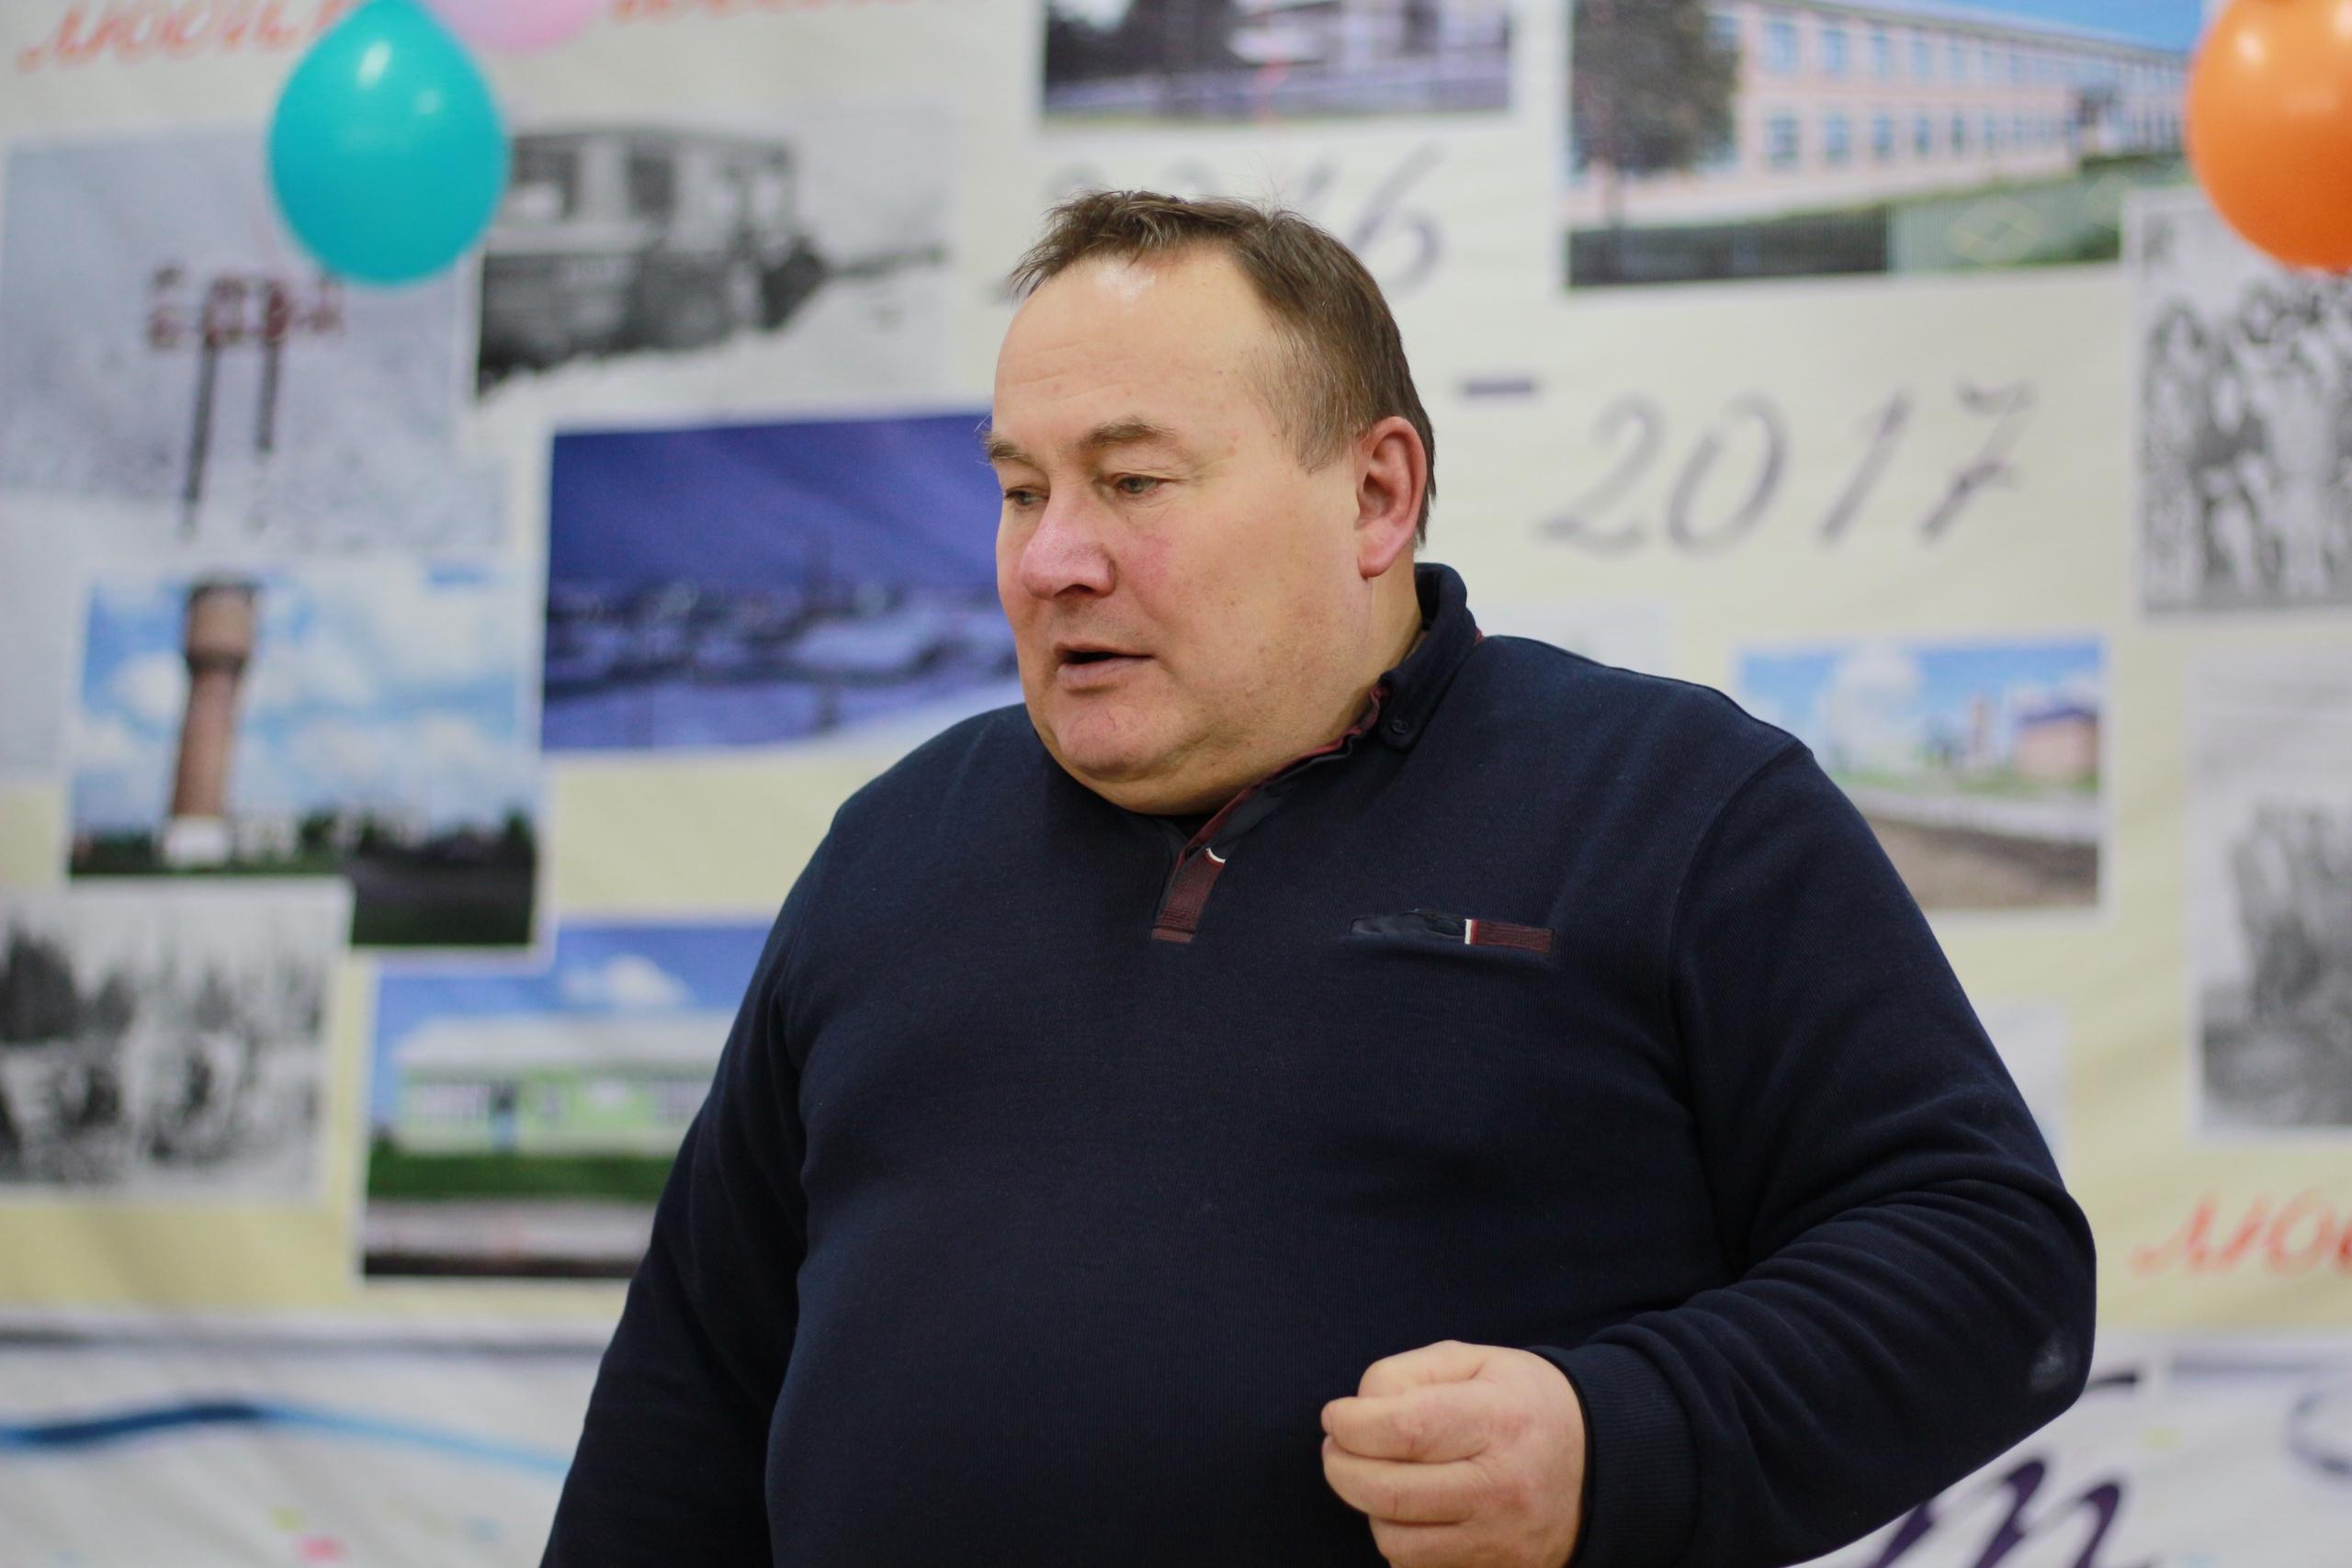 Руководитель администрации Николай Жилин провел встречу с населением п. Вожский, п. Едва, п. Междуреченск